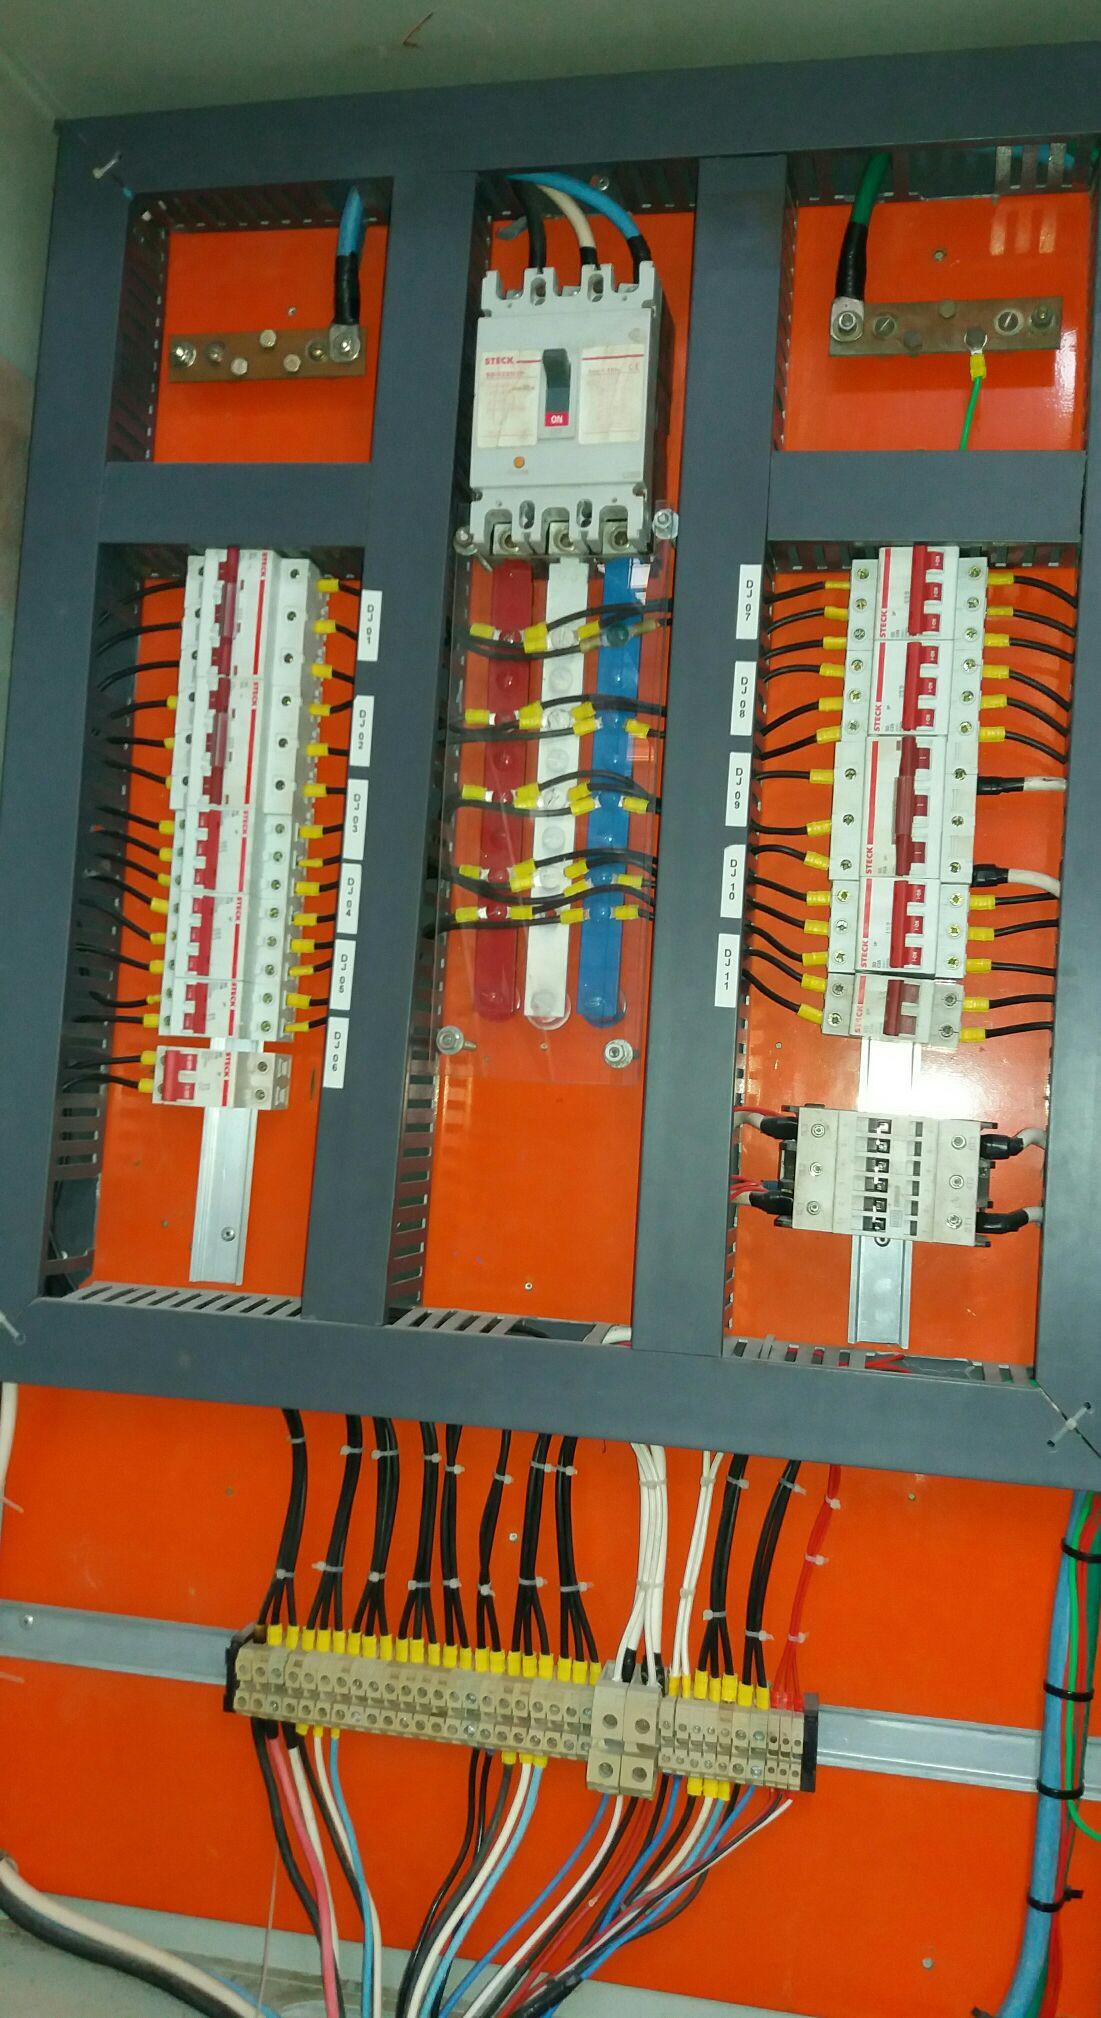 quadro de disjuntores 220 volts